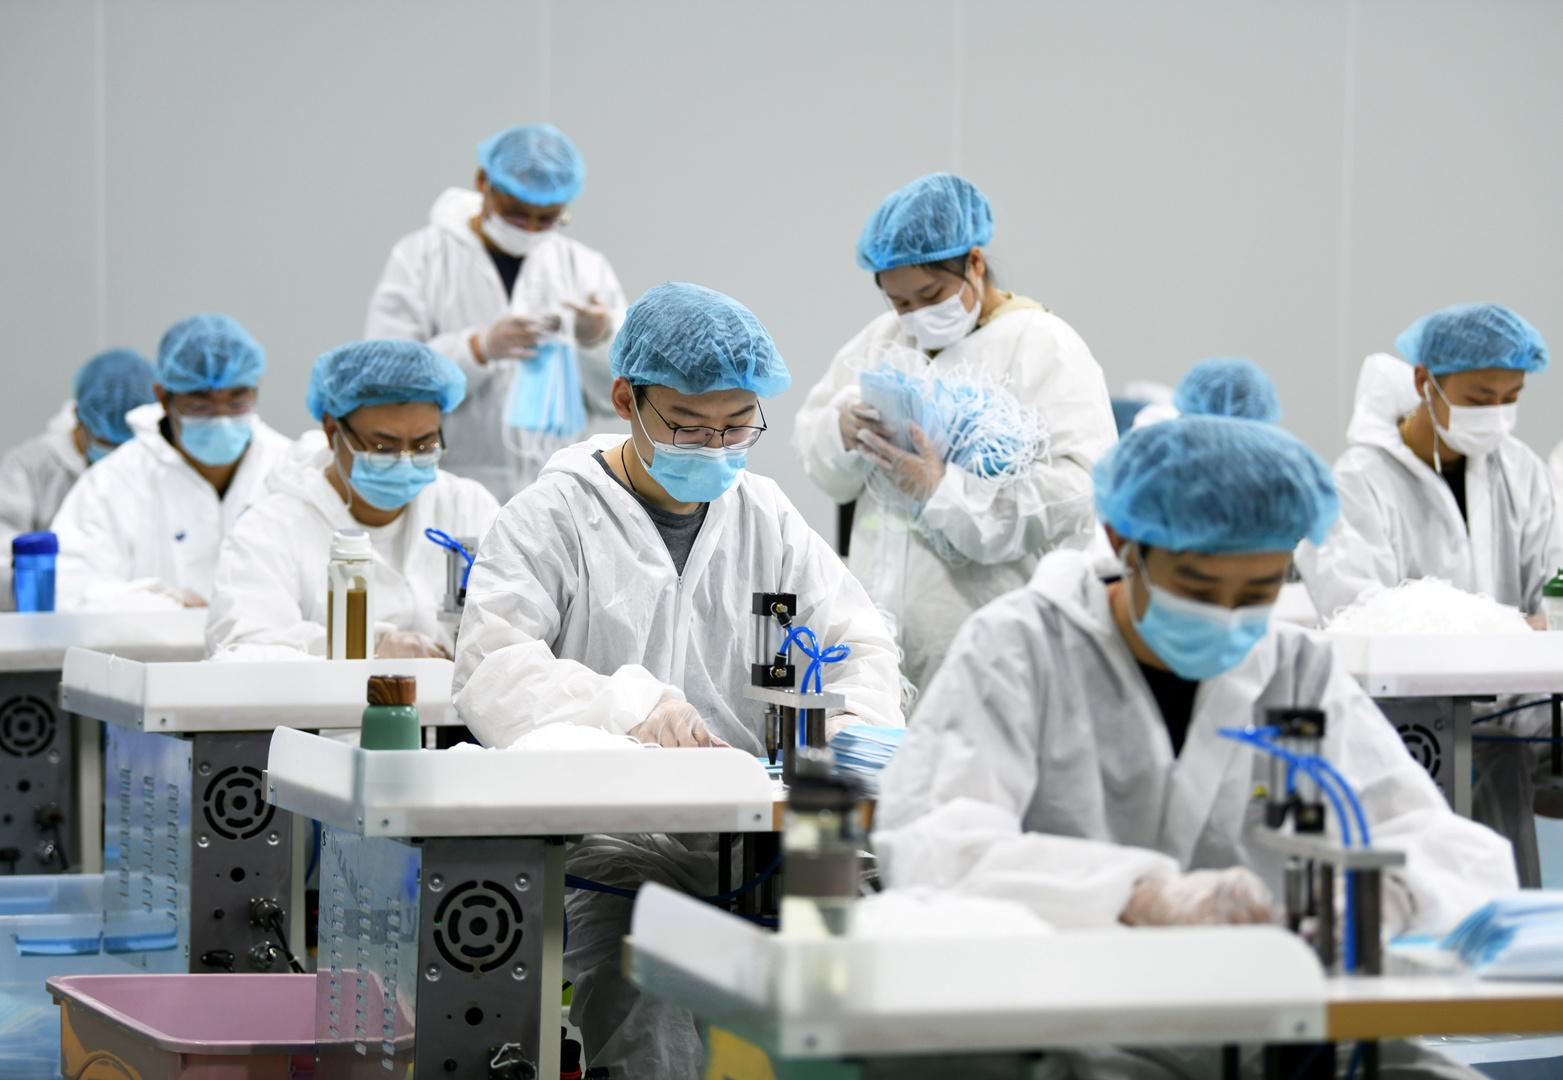 صناعات الكمامات الطبية في نانتشانغ بالصين.